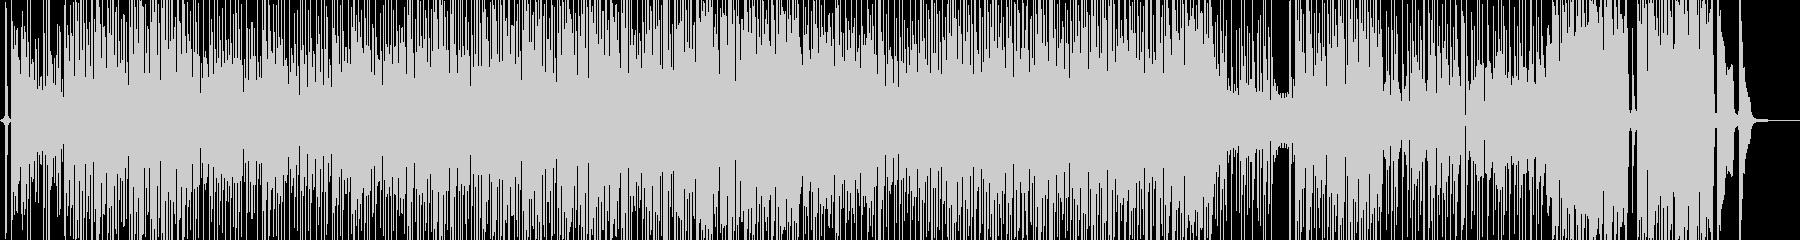 手品・お笑いの雰囲気に適したファンクの未再生の波形